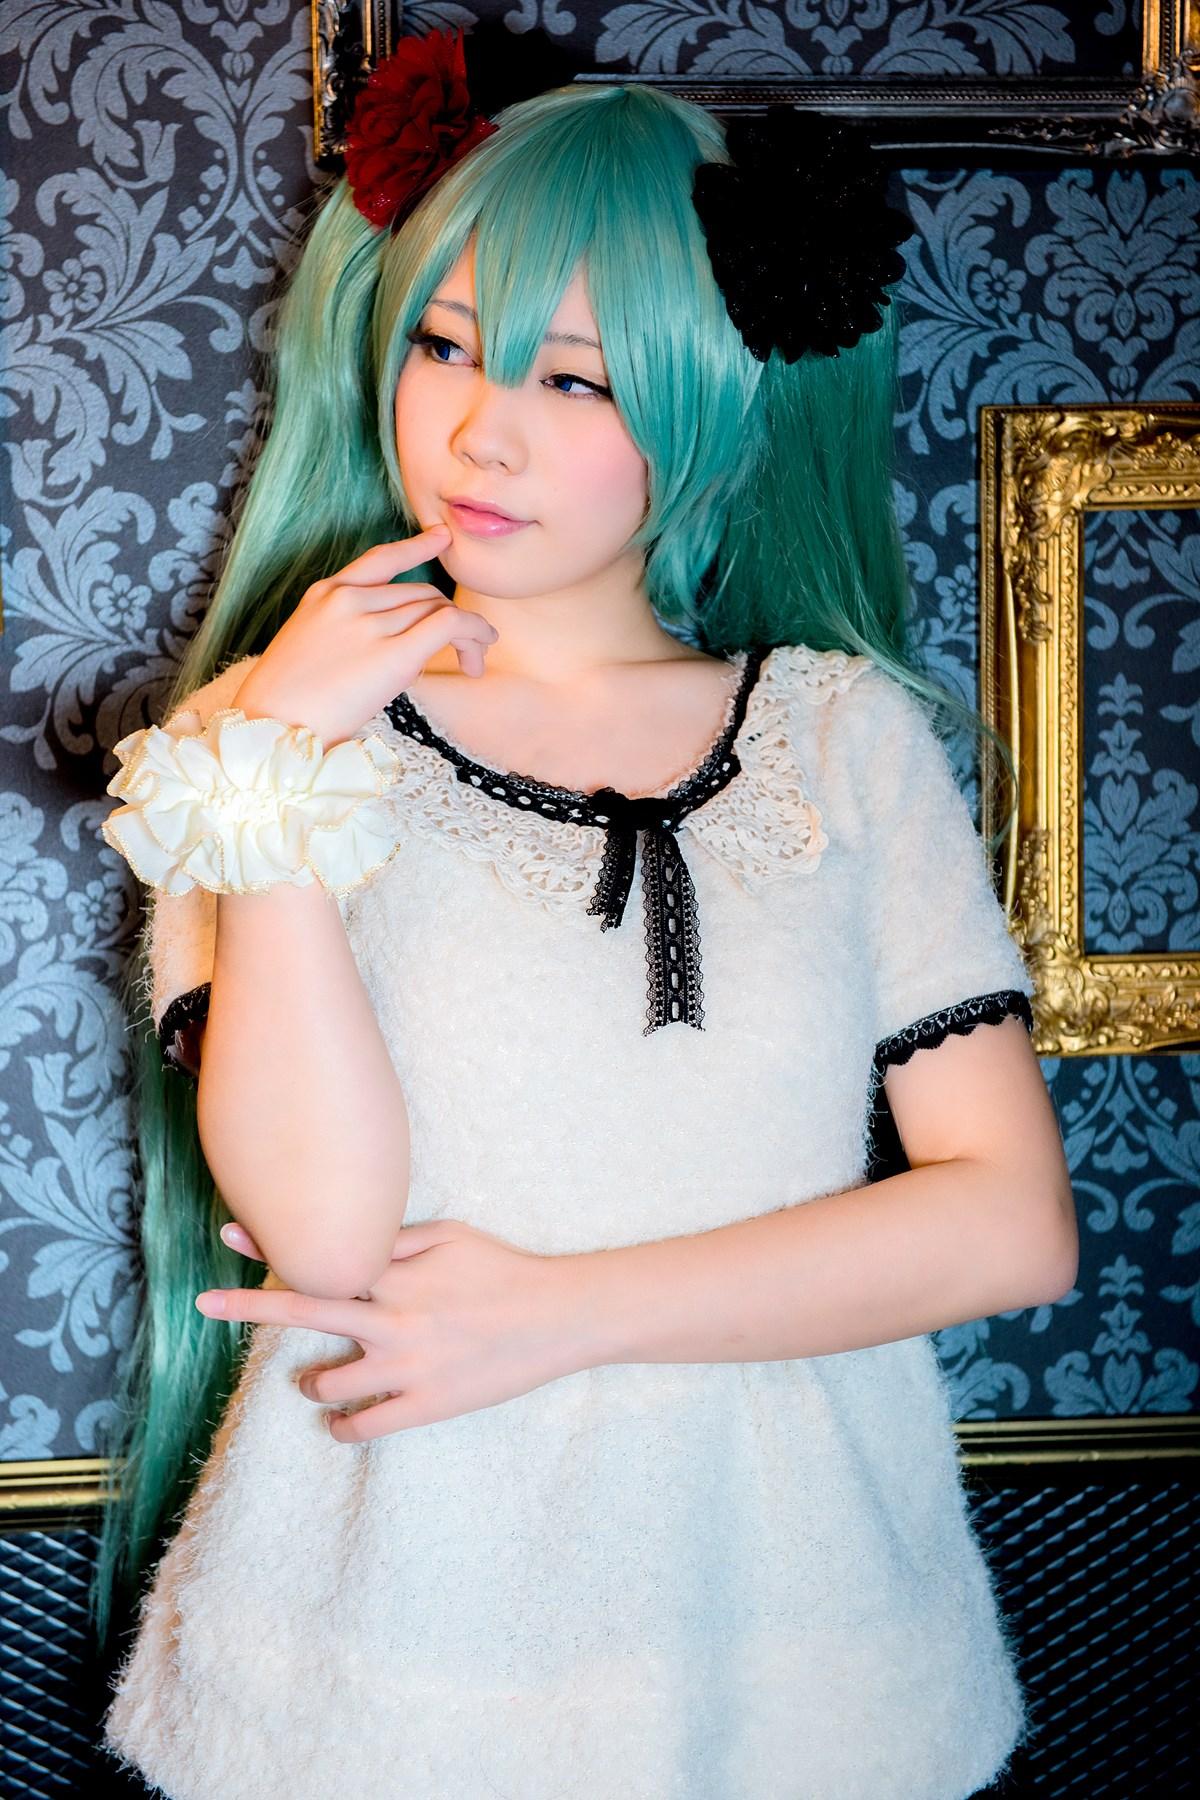 【兔玩映画】mikumiku 兔玩映画 第47张